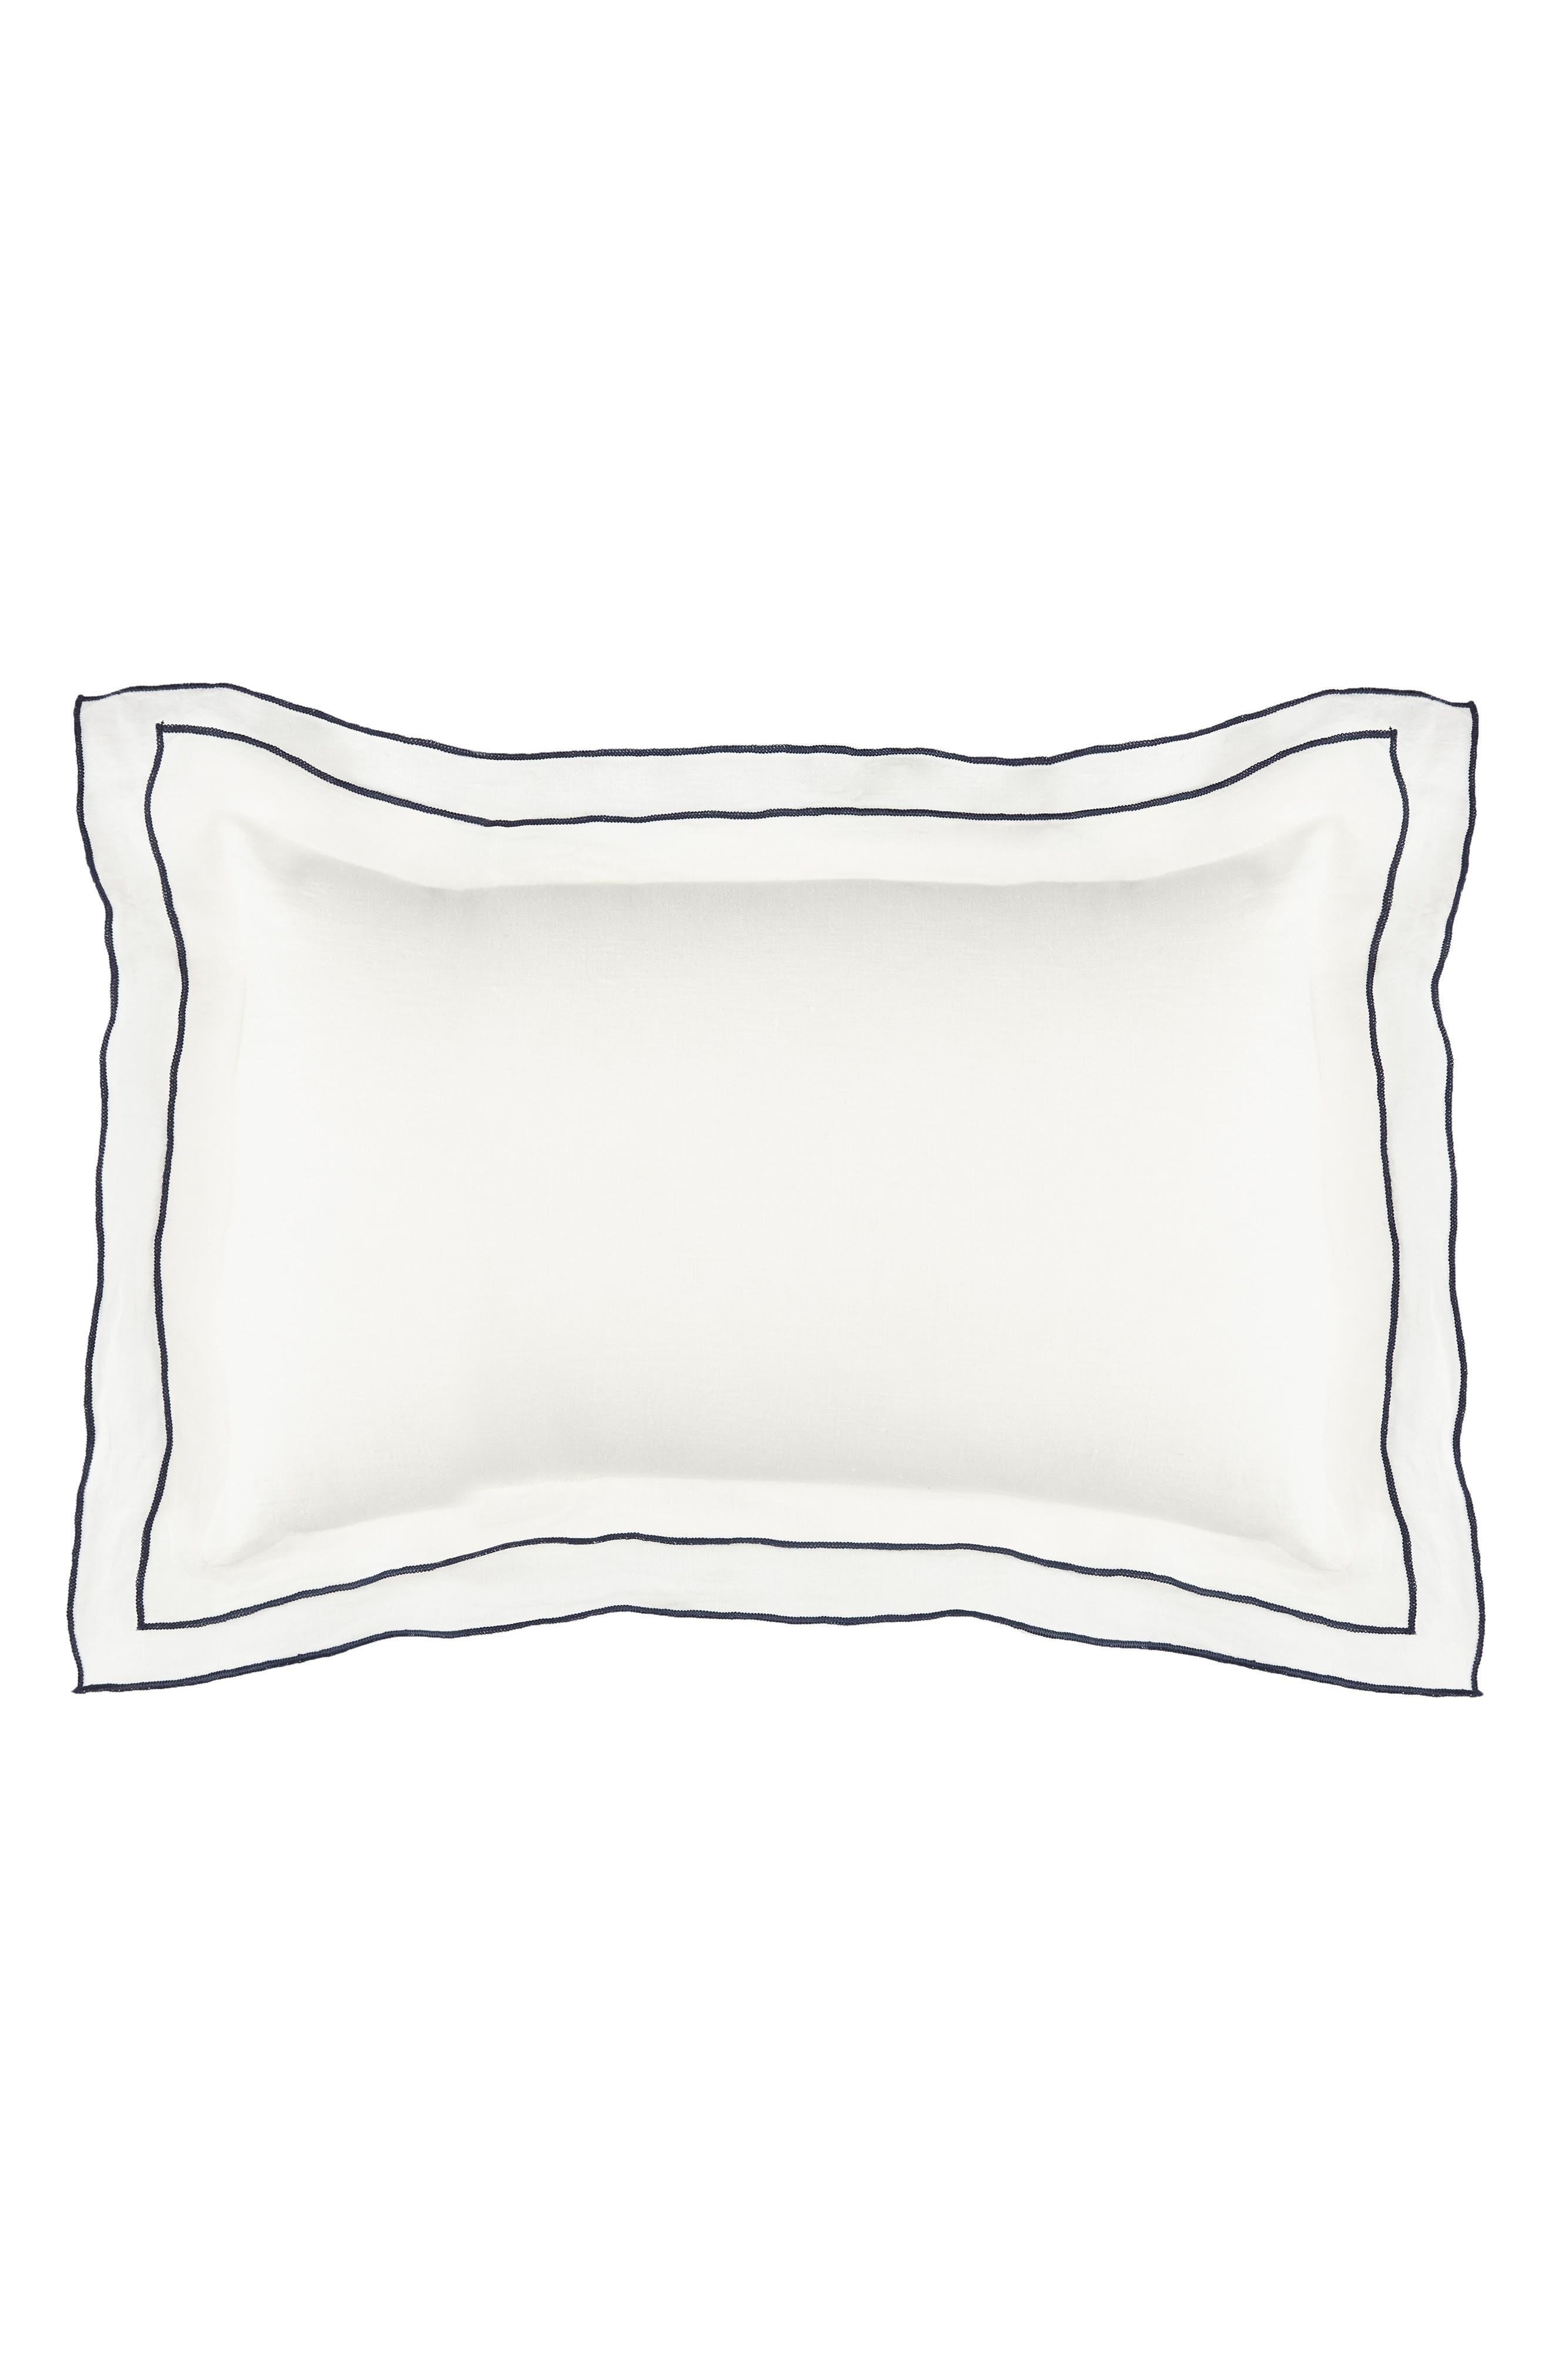 Main Image - KASSATEX Biarritz Linen Accent Pillow